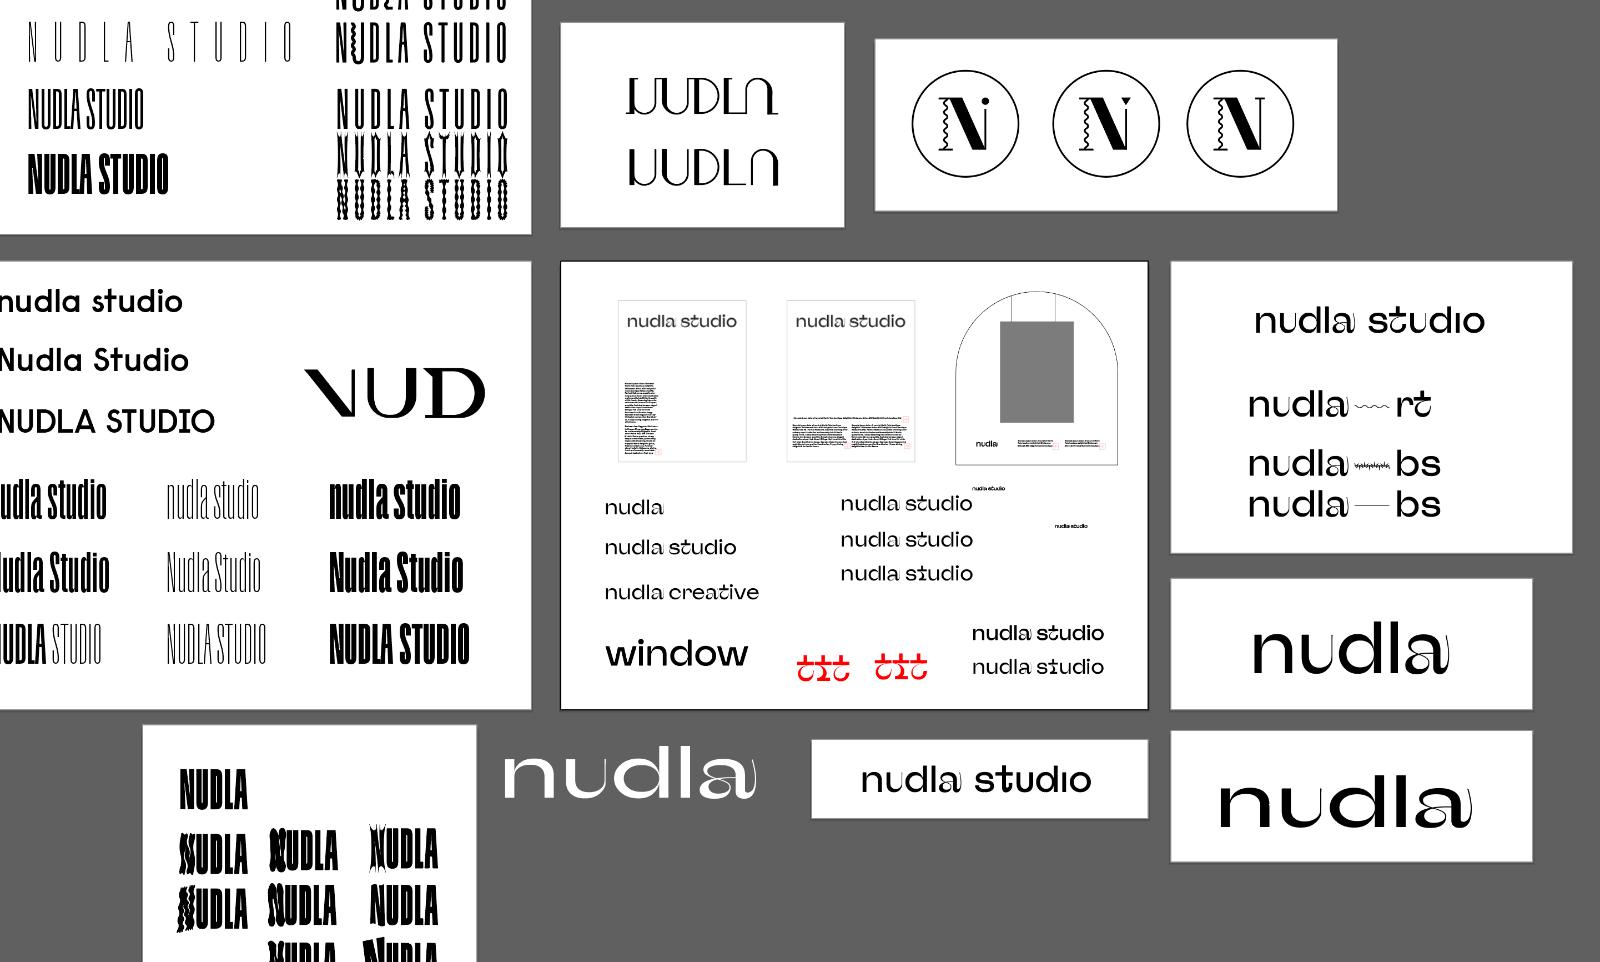 Designskisser på vägen mot det som blev den färdiga logotypen för studion. Skiss: Sofia Larsén.